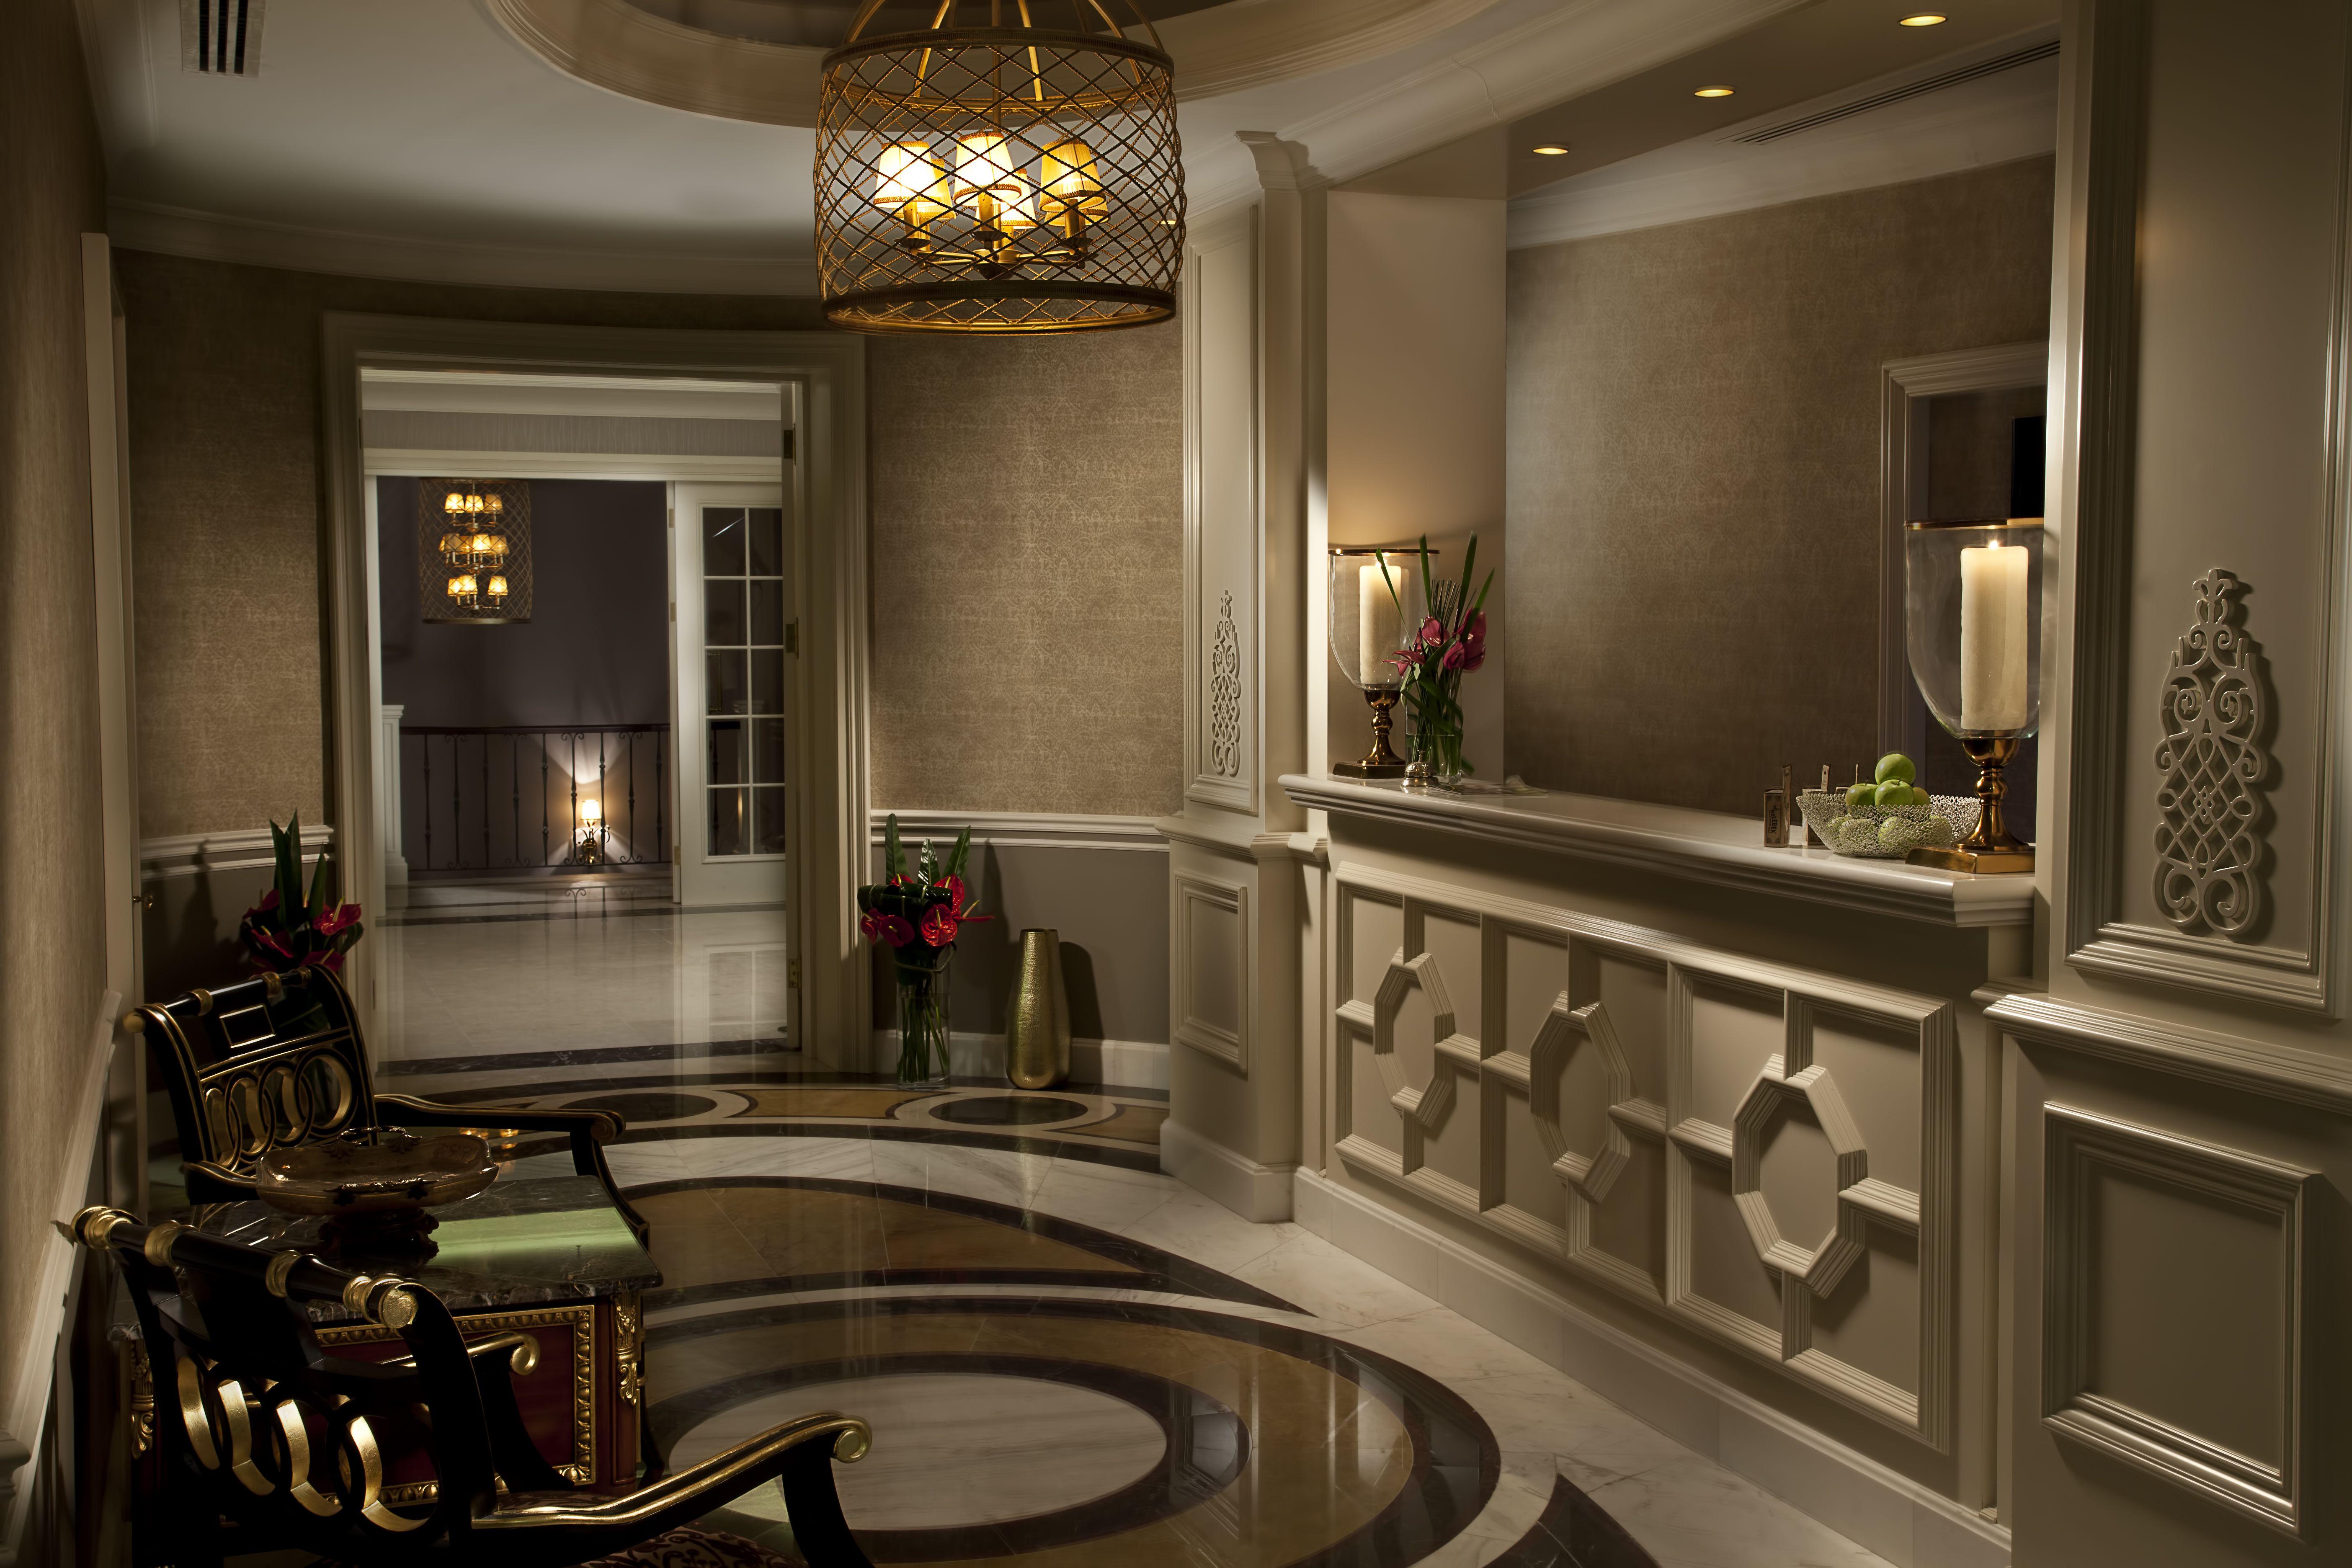 39 39 rixos pera hotel 39 39 design by arketipo design stanbul for Hotel istanbul design